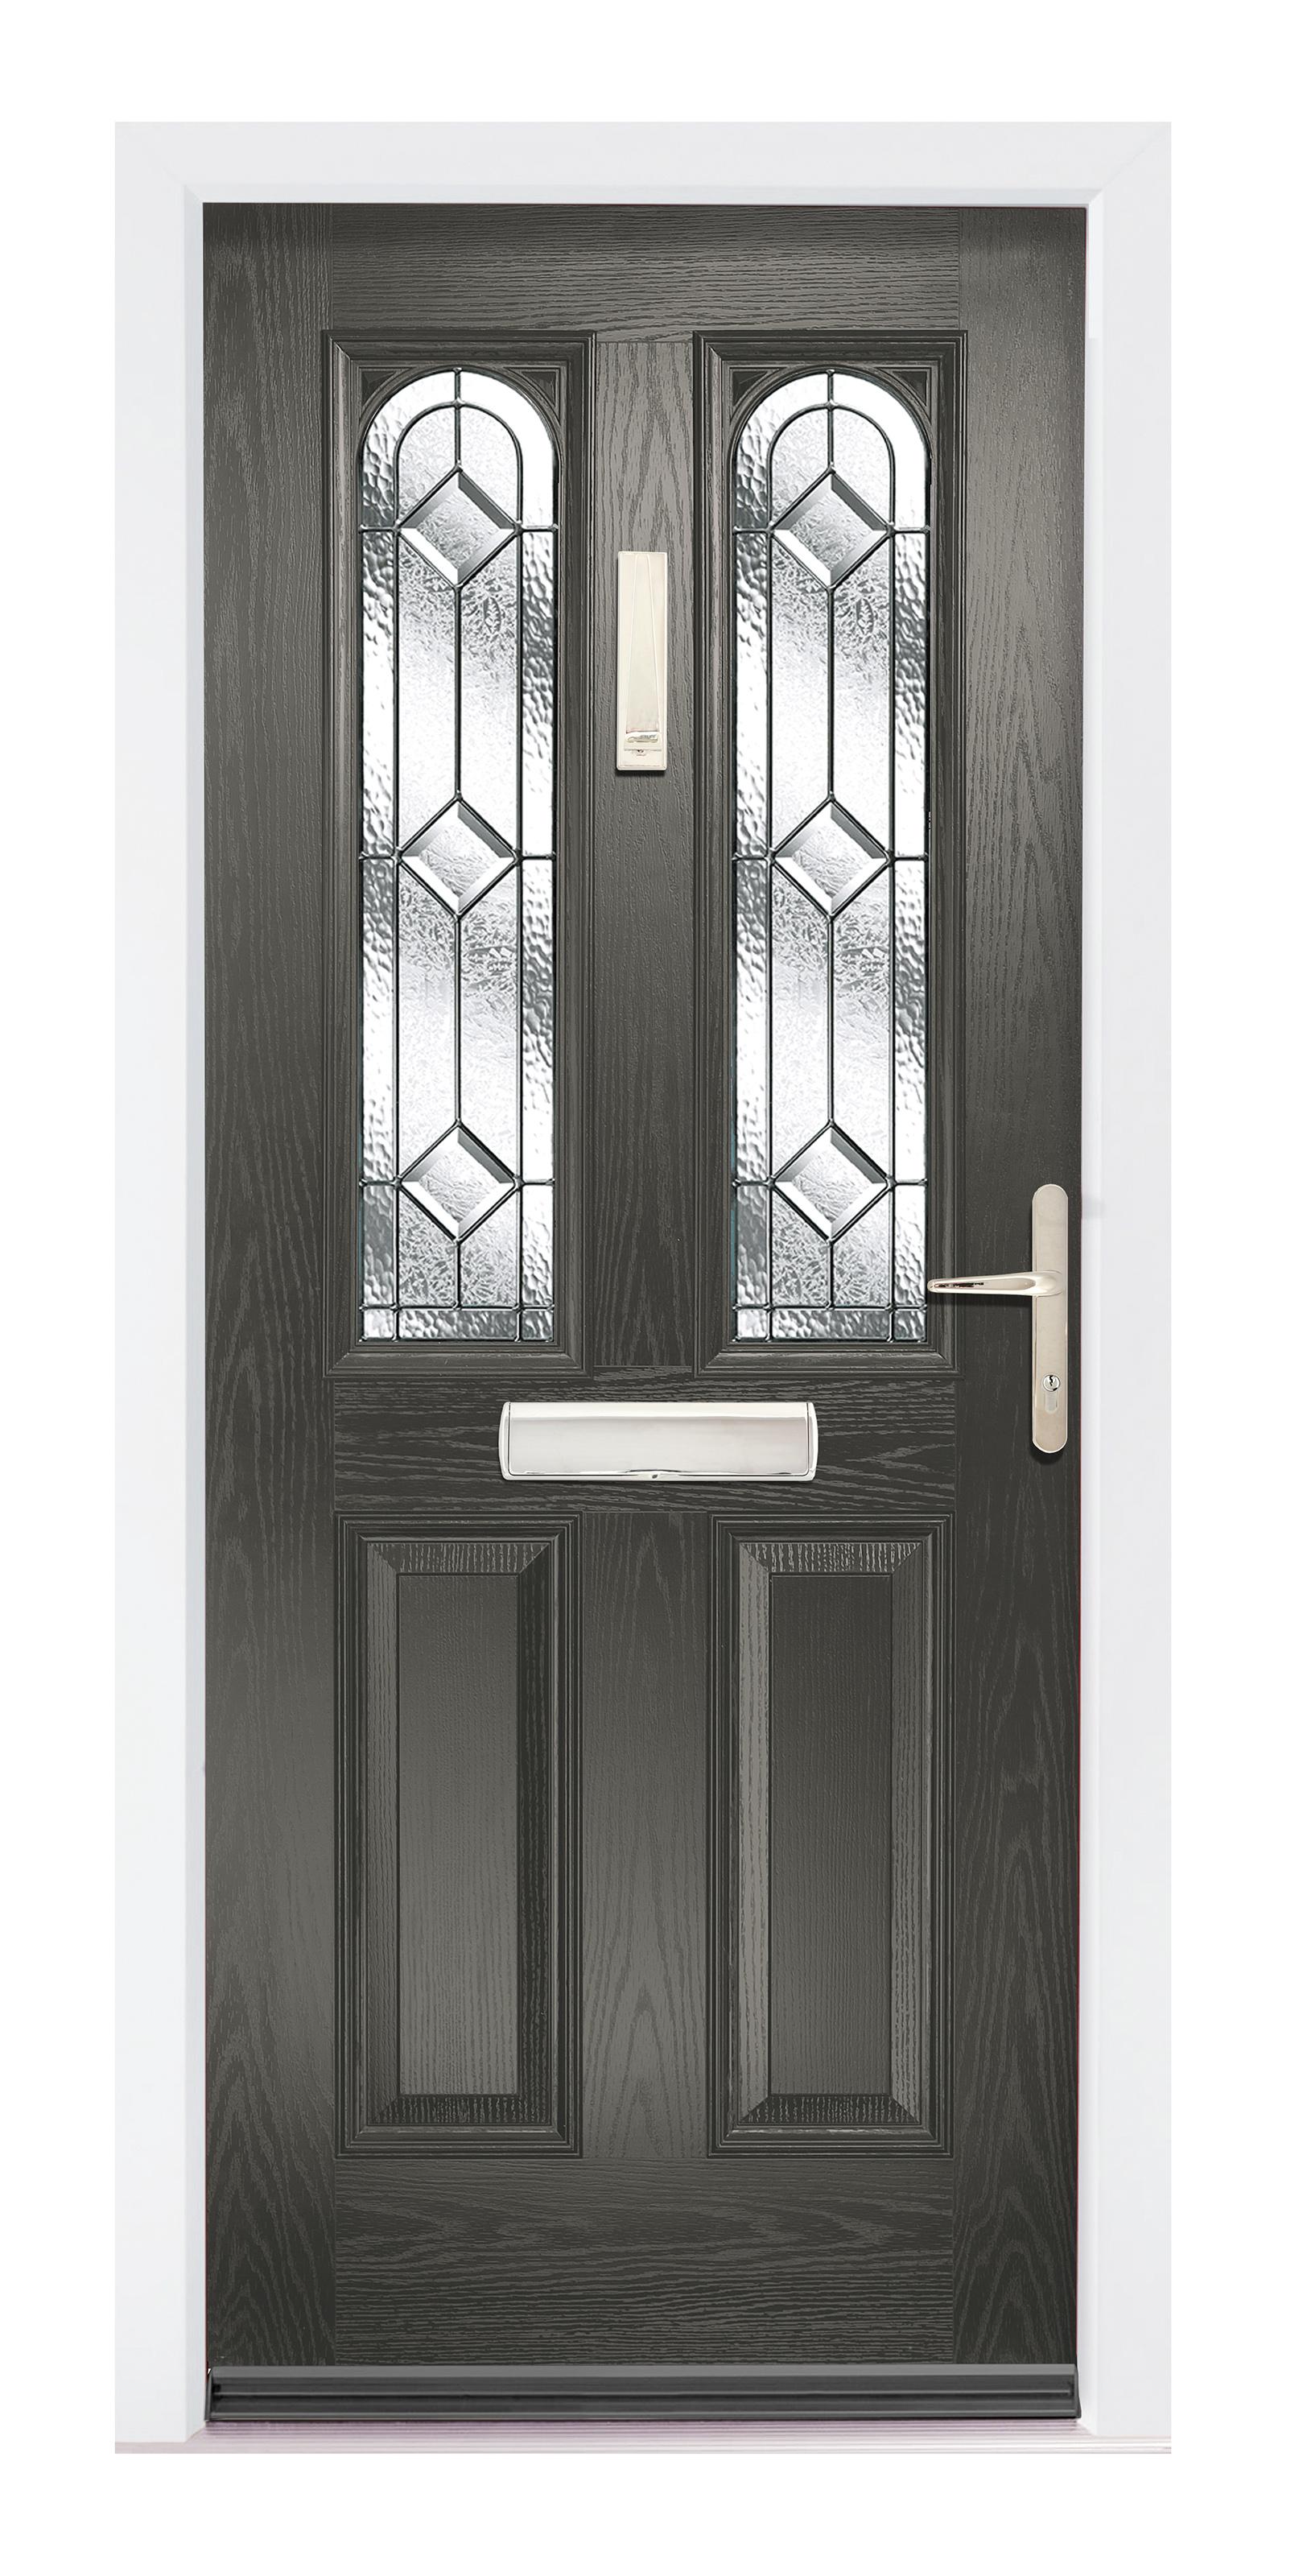 Bi Fold Patio Doors With Internal Blinds: UPVC Doors